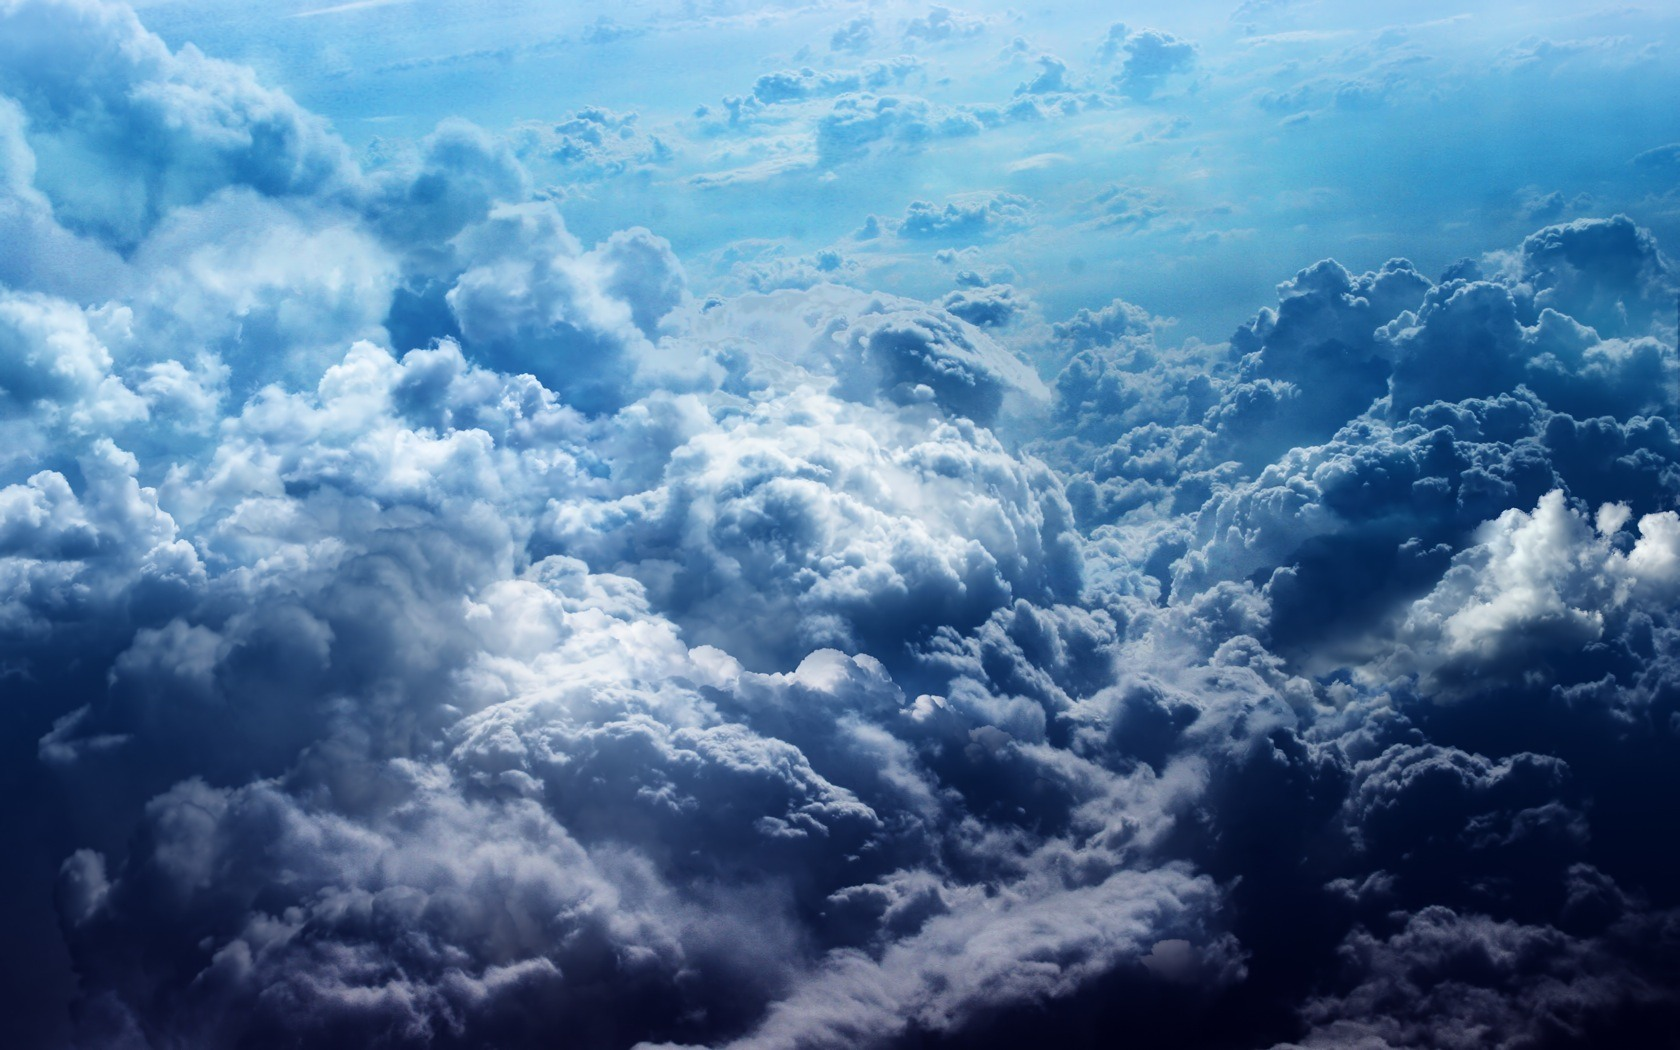 Blue Clouds desktop wallpaper 1680x1050